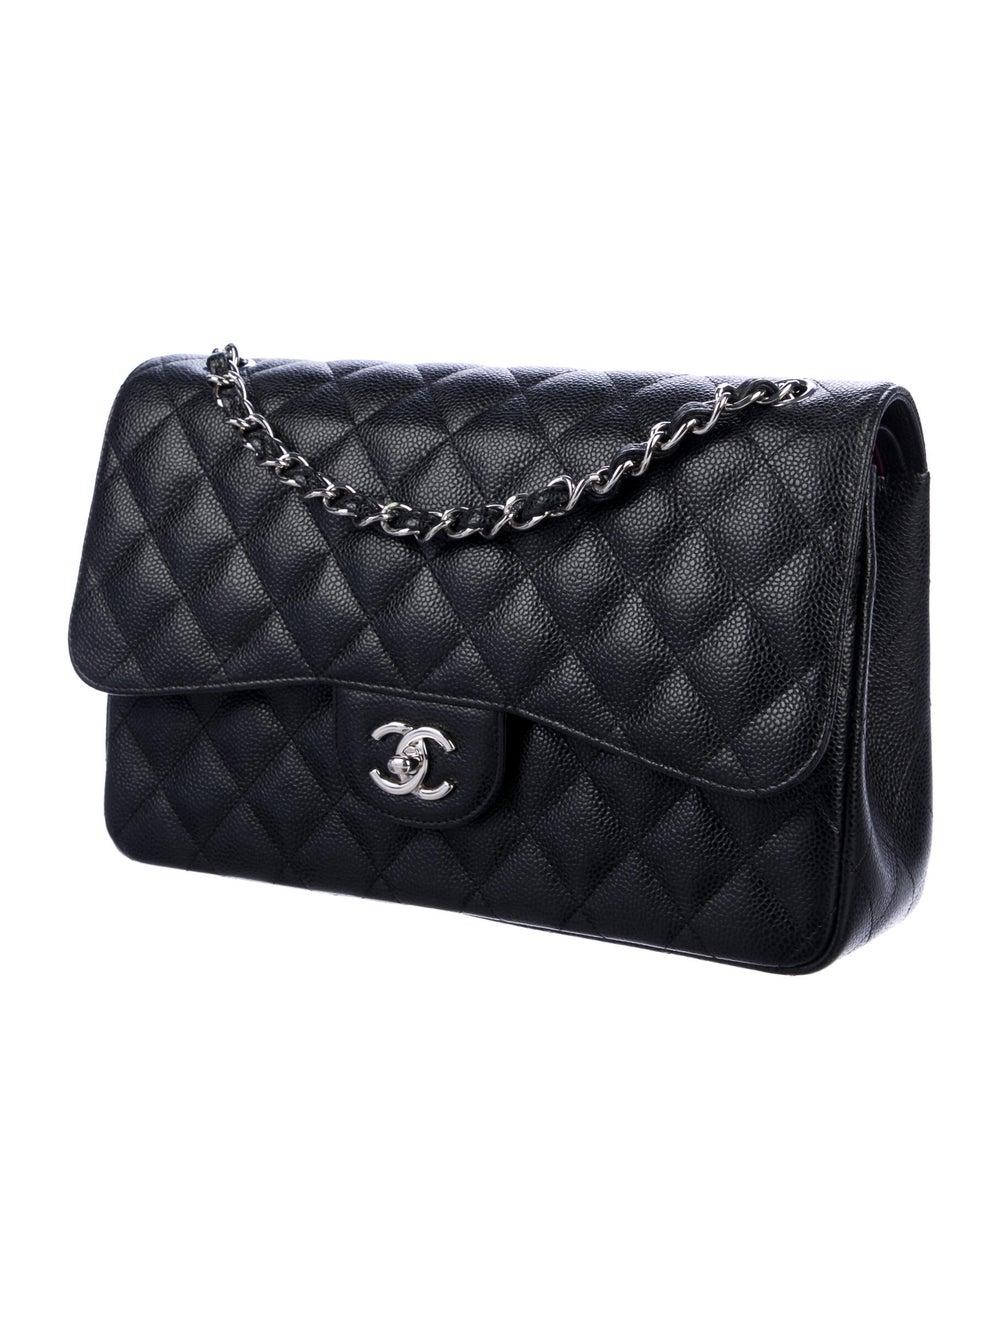 Chanel 2019 Classic Jumbo Double Flap Bag Black - image 3